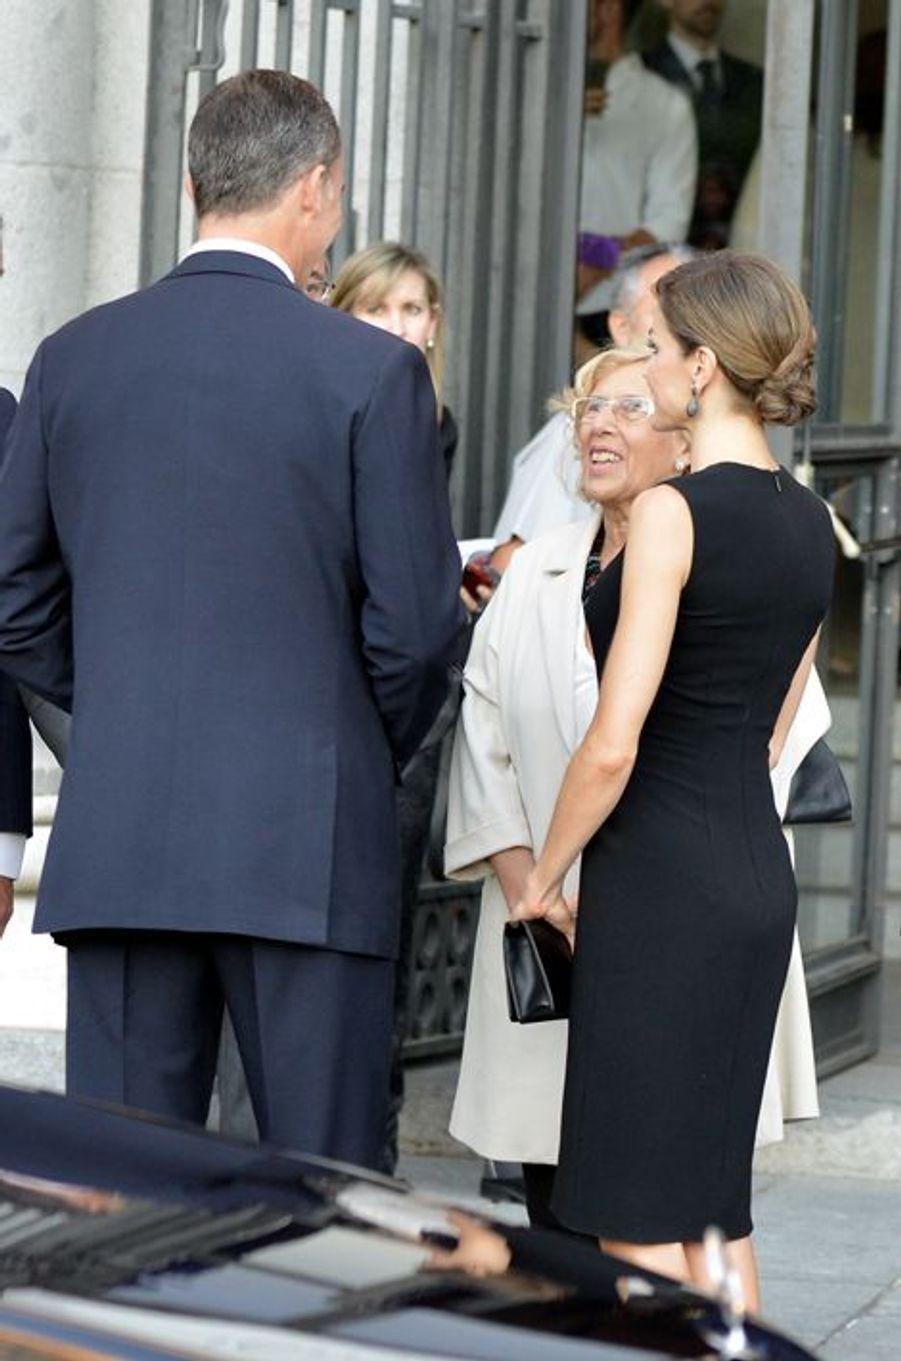 La reine Letizia et le roi Felipe VI d'Espagne au Teatro Real à Madrid, le 22 septembre 2015